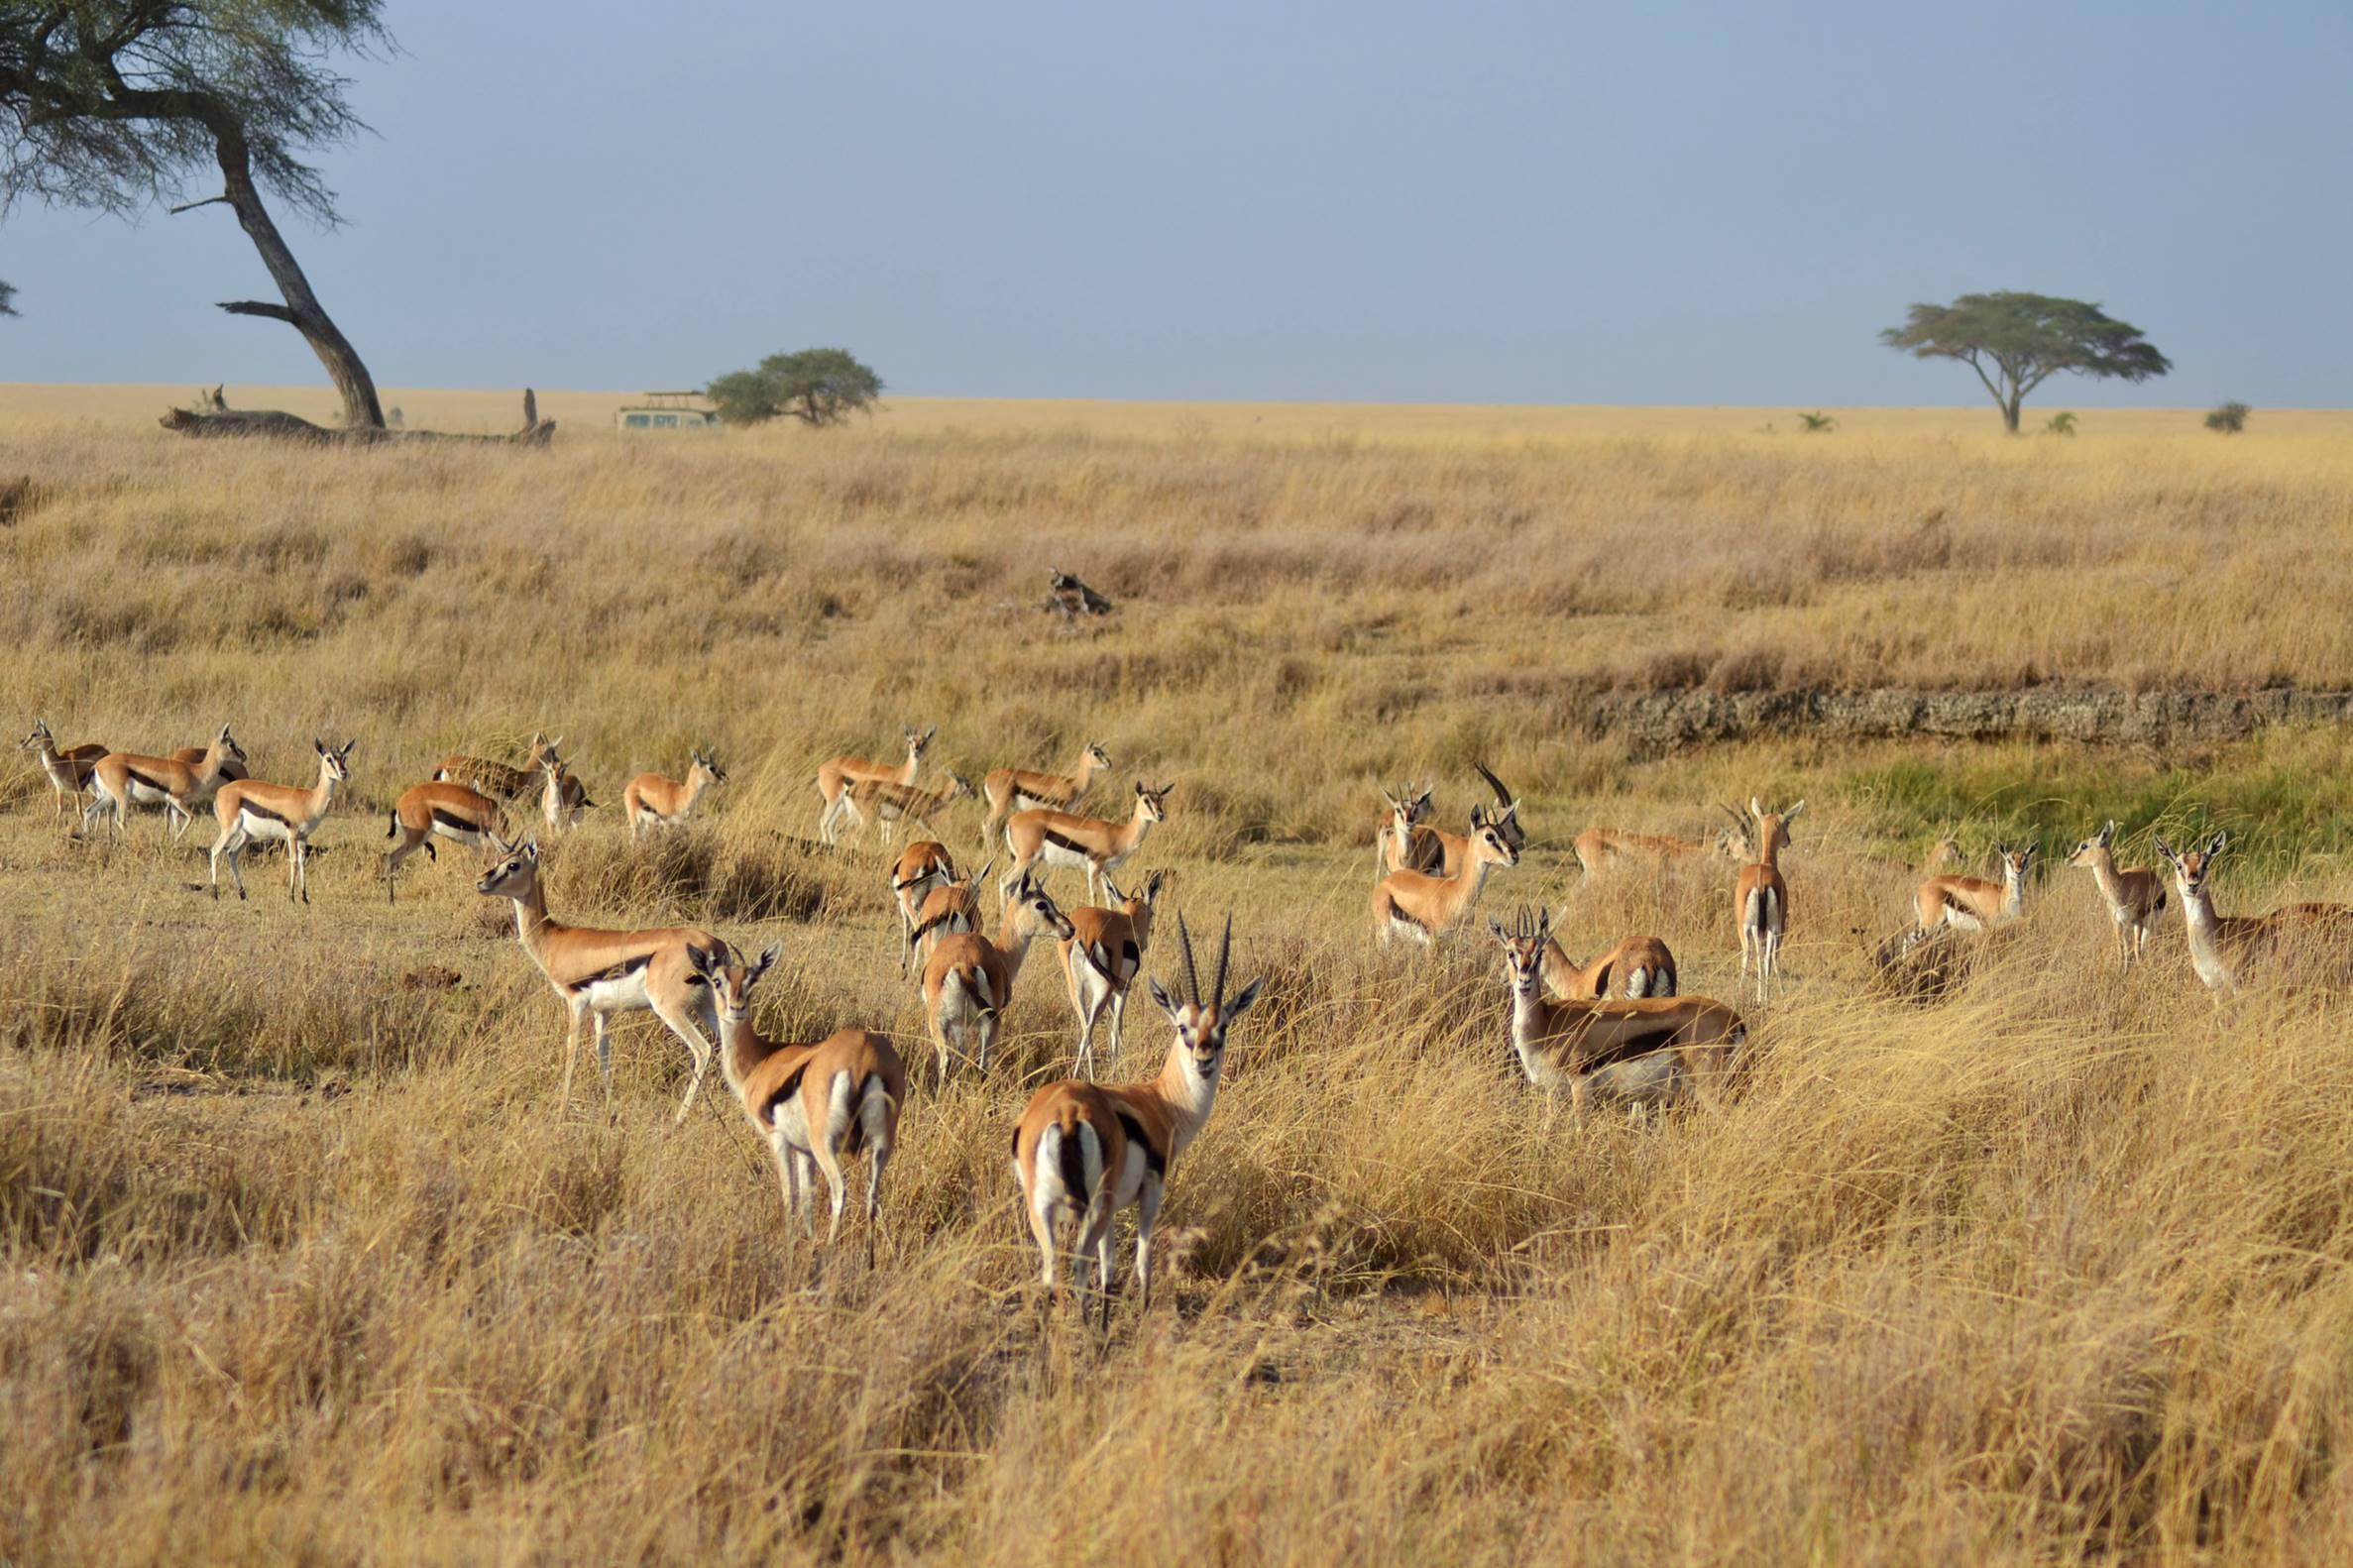 safari_tanzania_serengeti_3